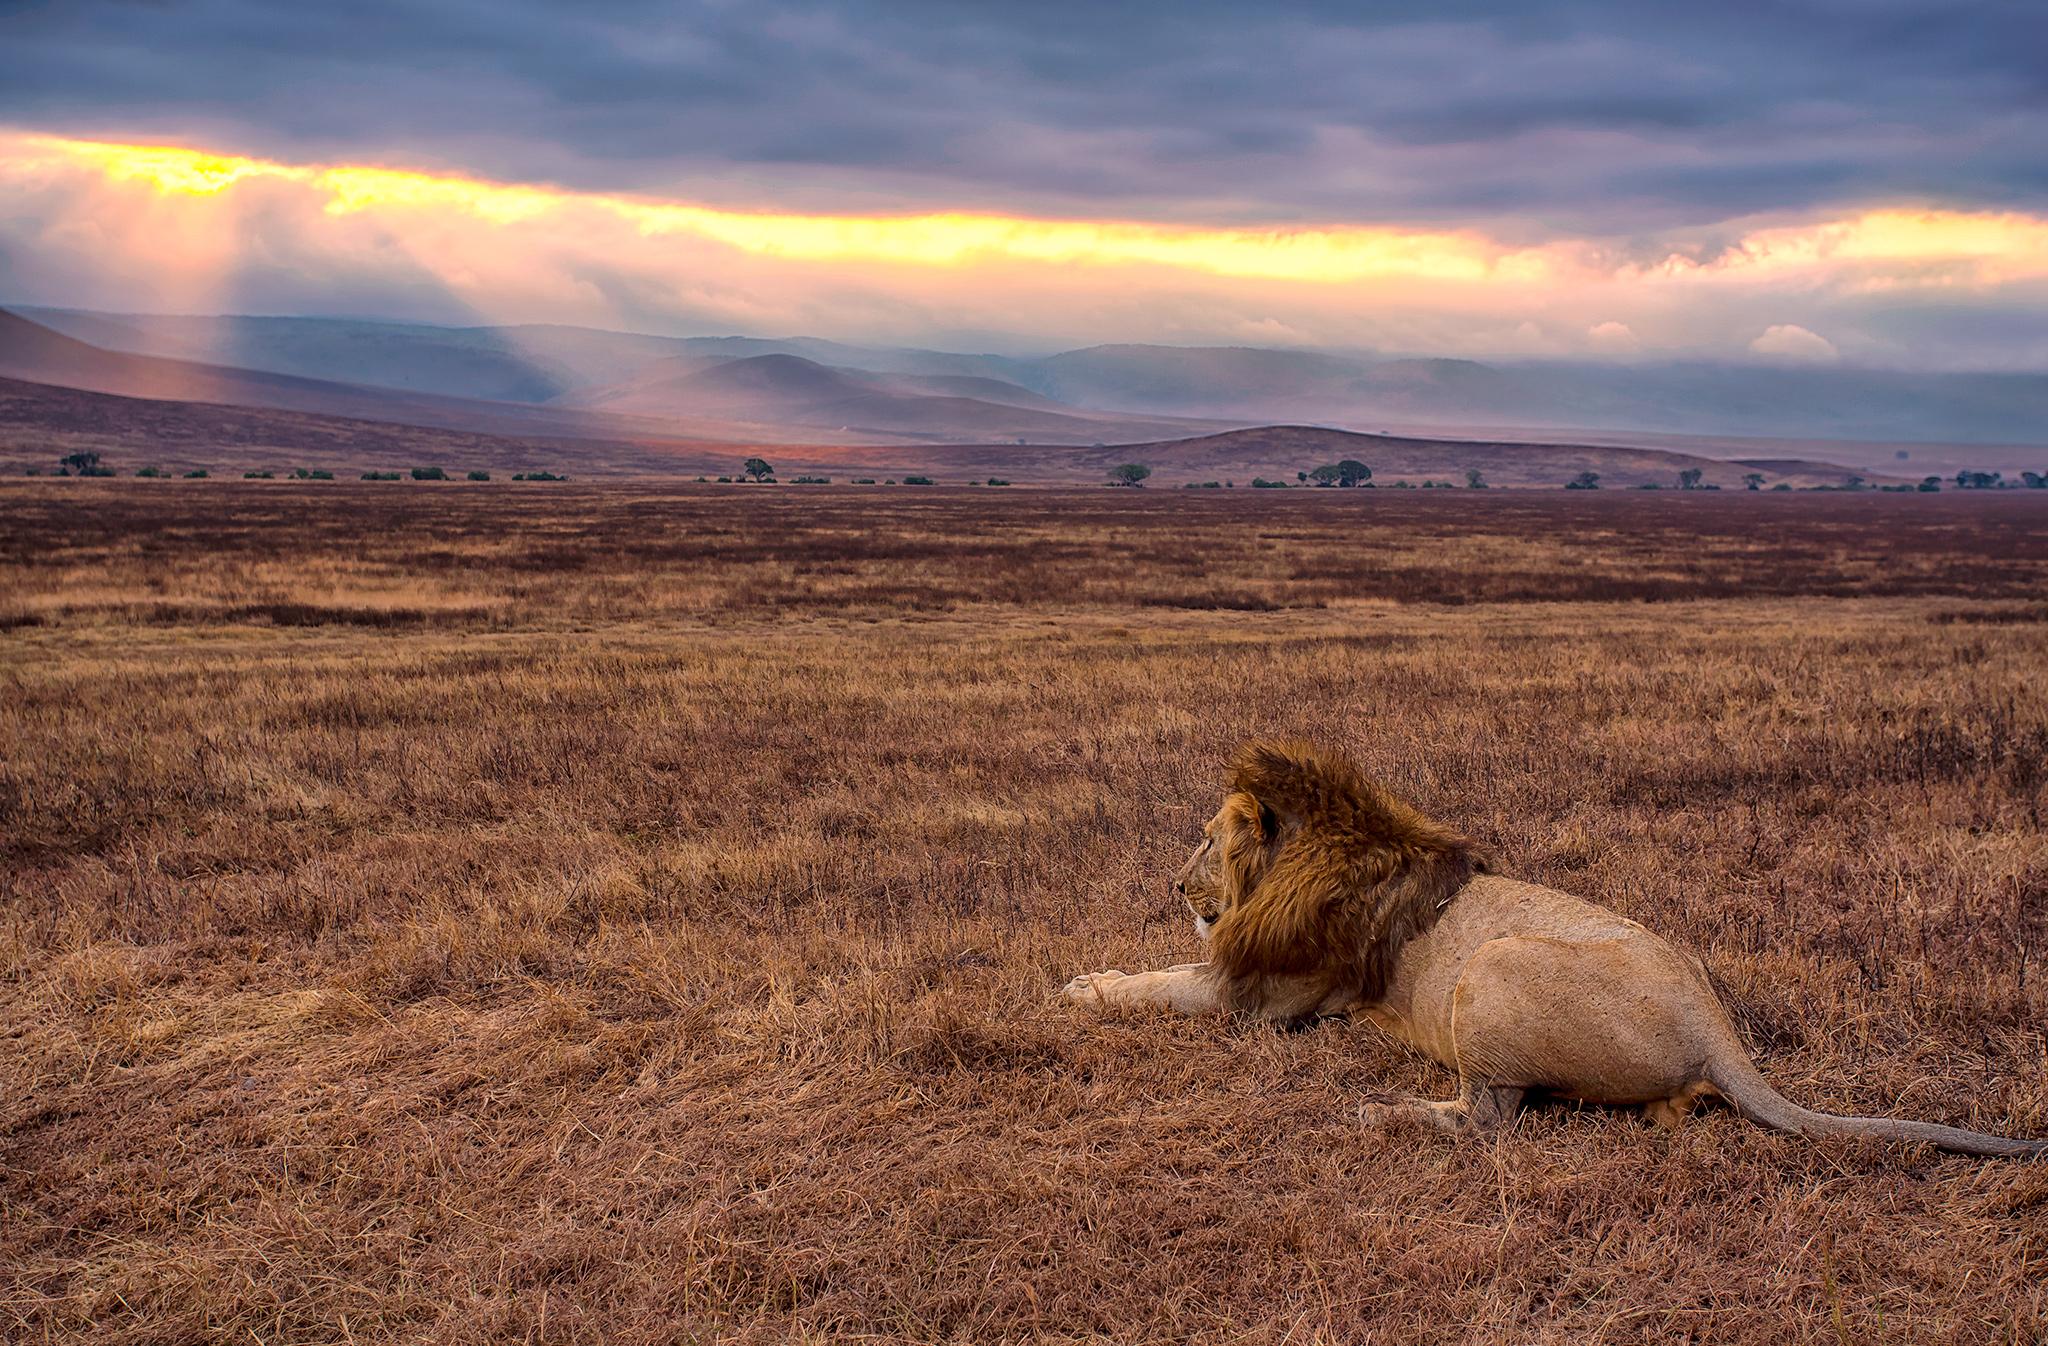 NgorongoroLion_FBed.jpg